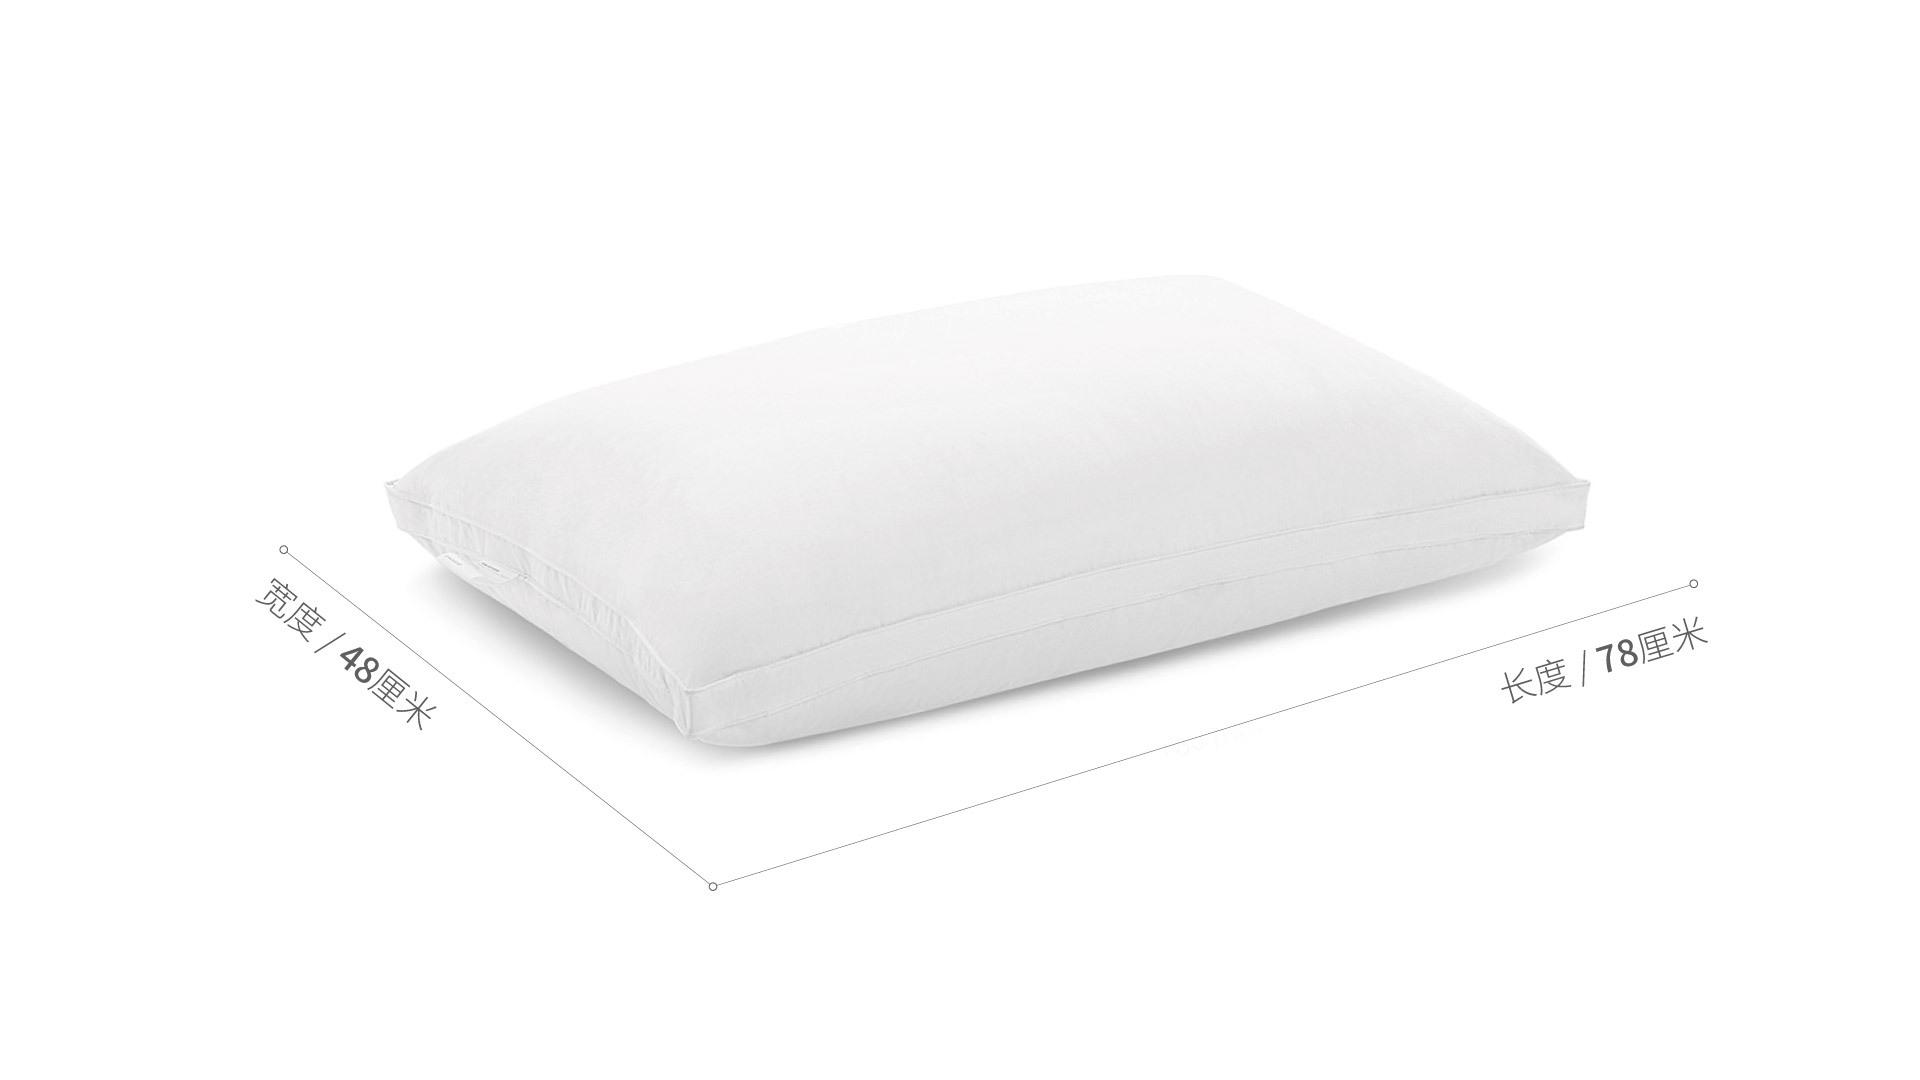 造作有眠™-轻羽枕芯软枕床·床品效果图